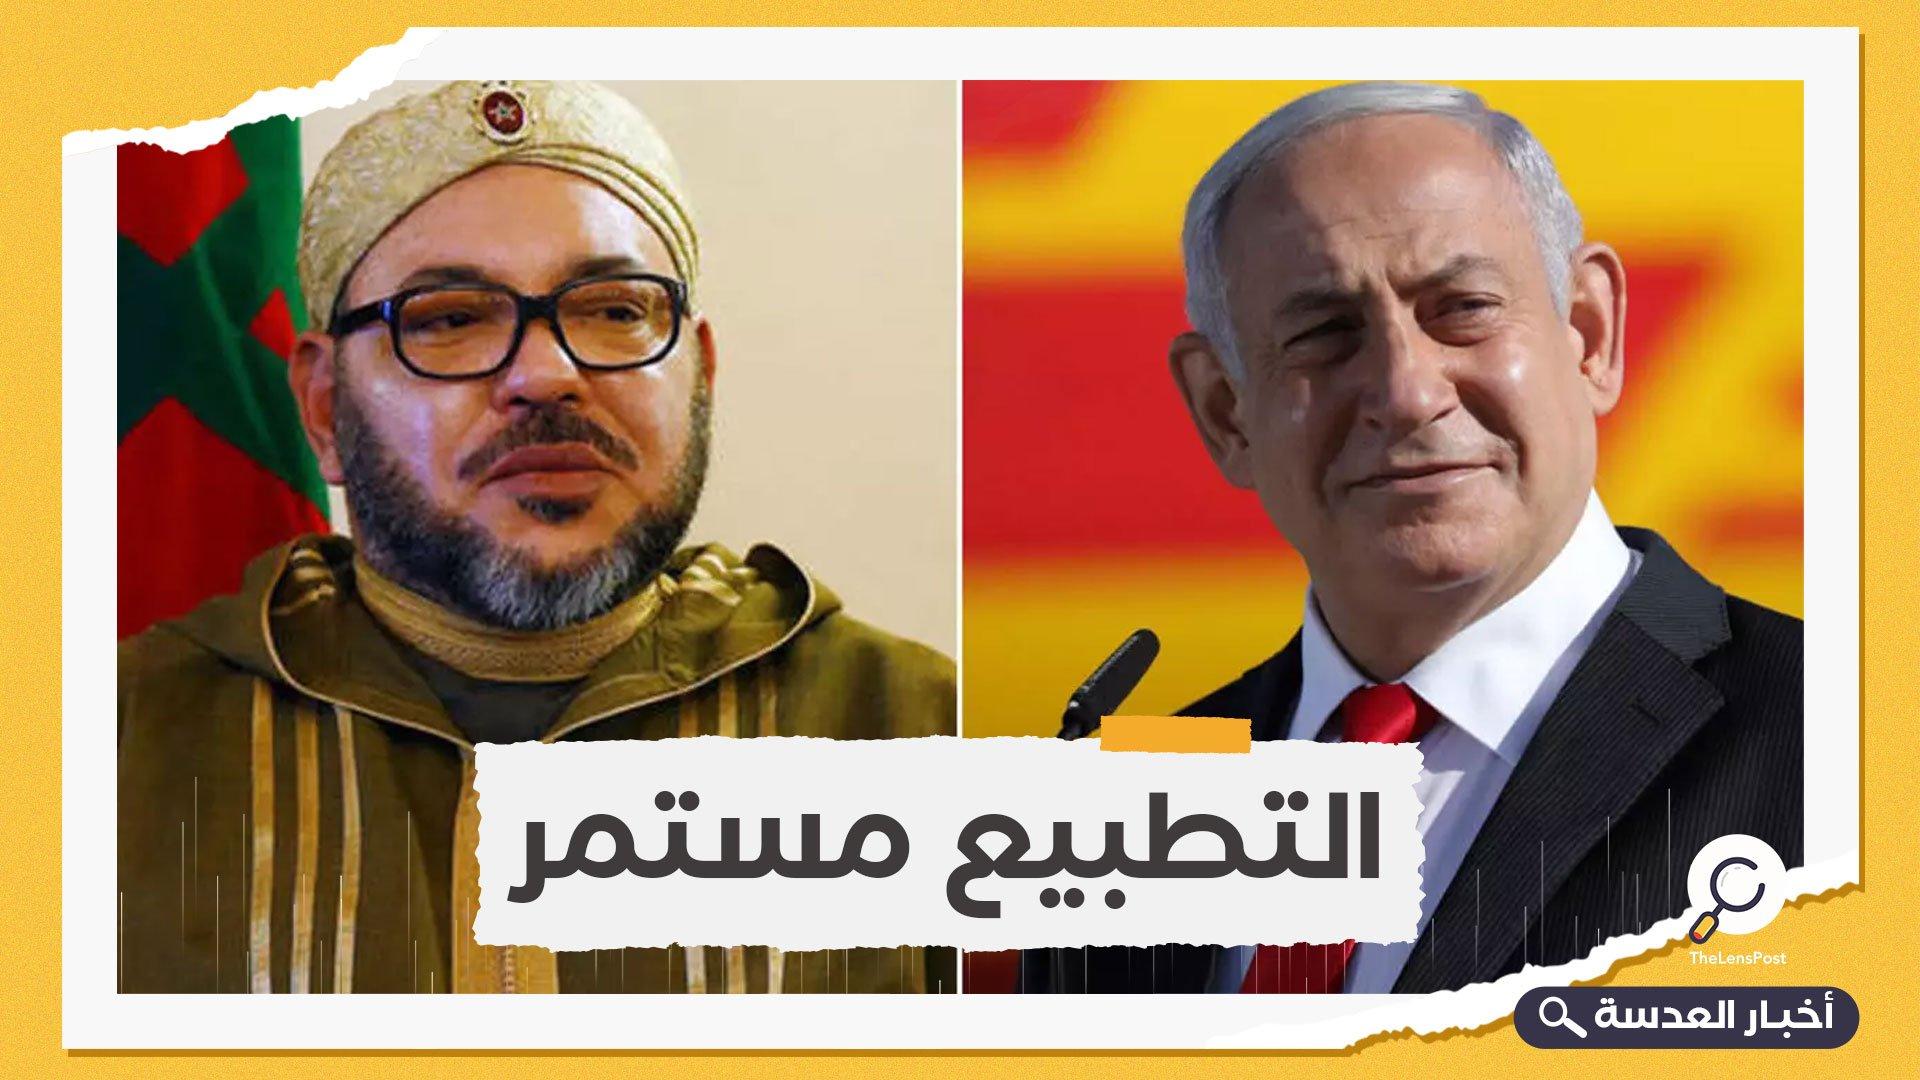 الرباط وتل أبيب يتفقان على زيارات متبادلة في شهر فبراير